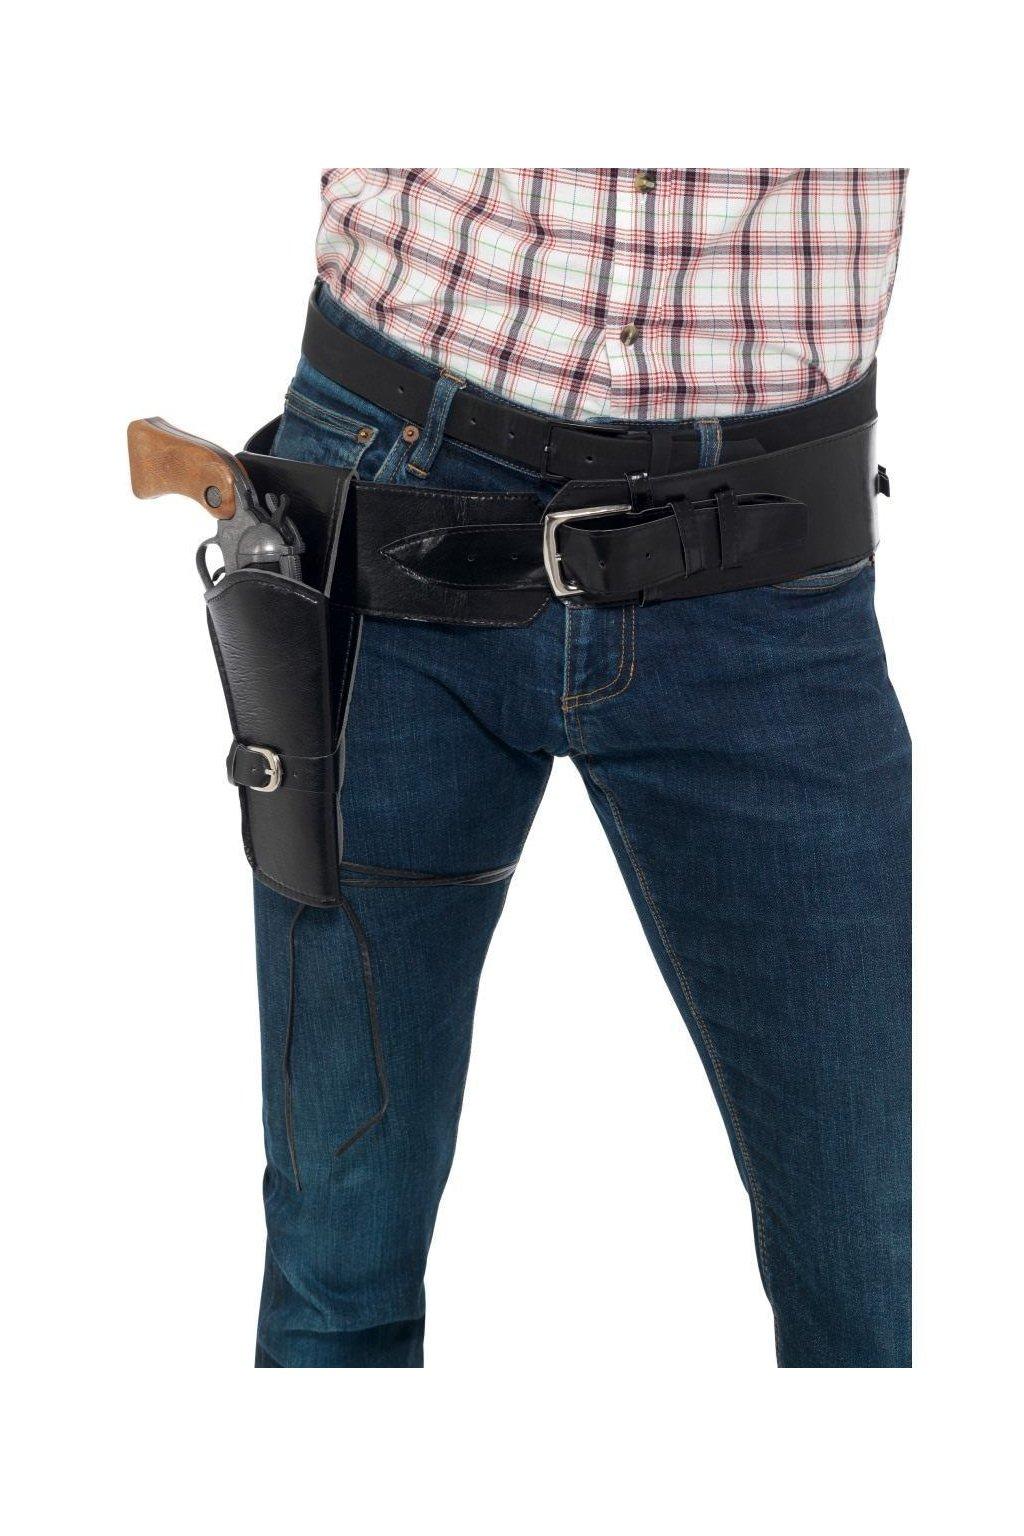 Opasek a pouzdro na pistol